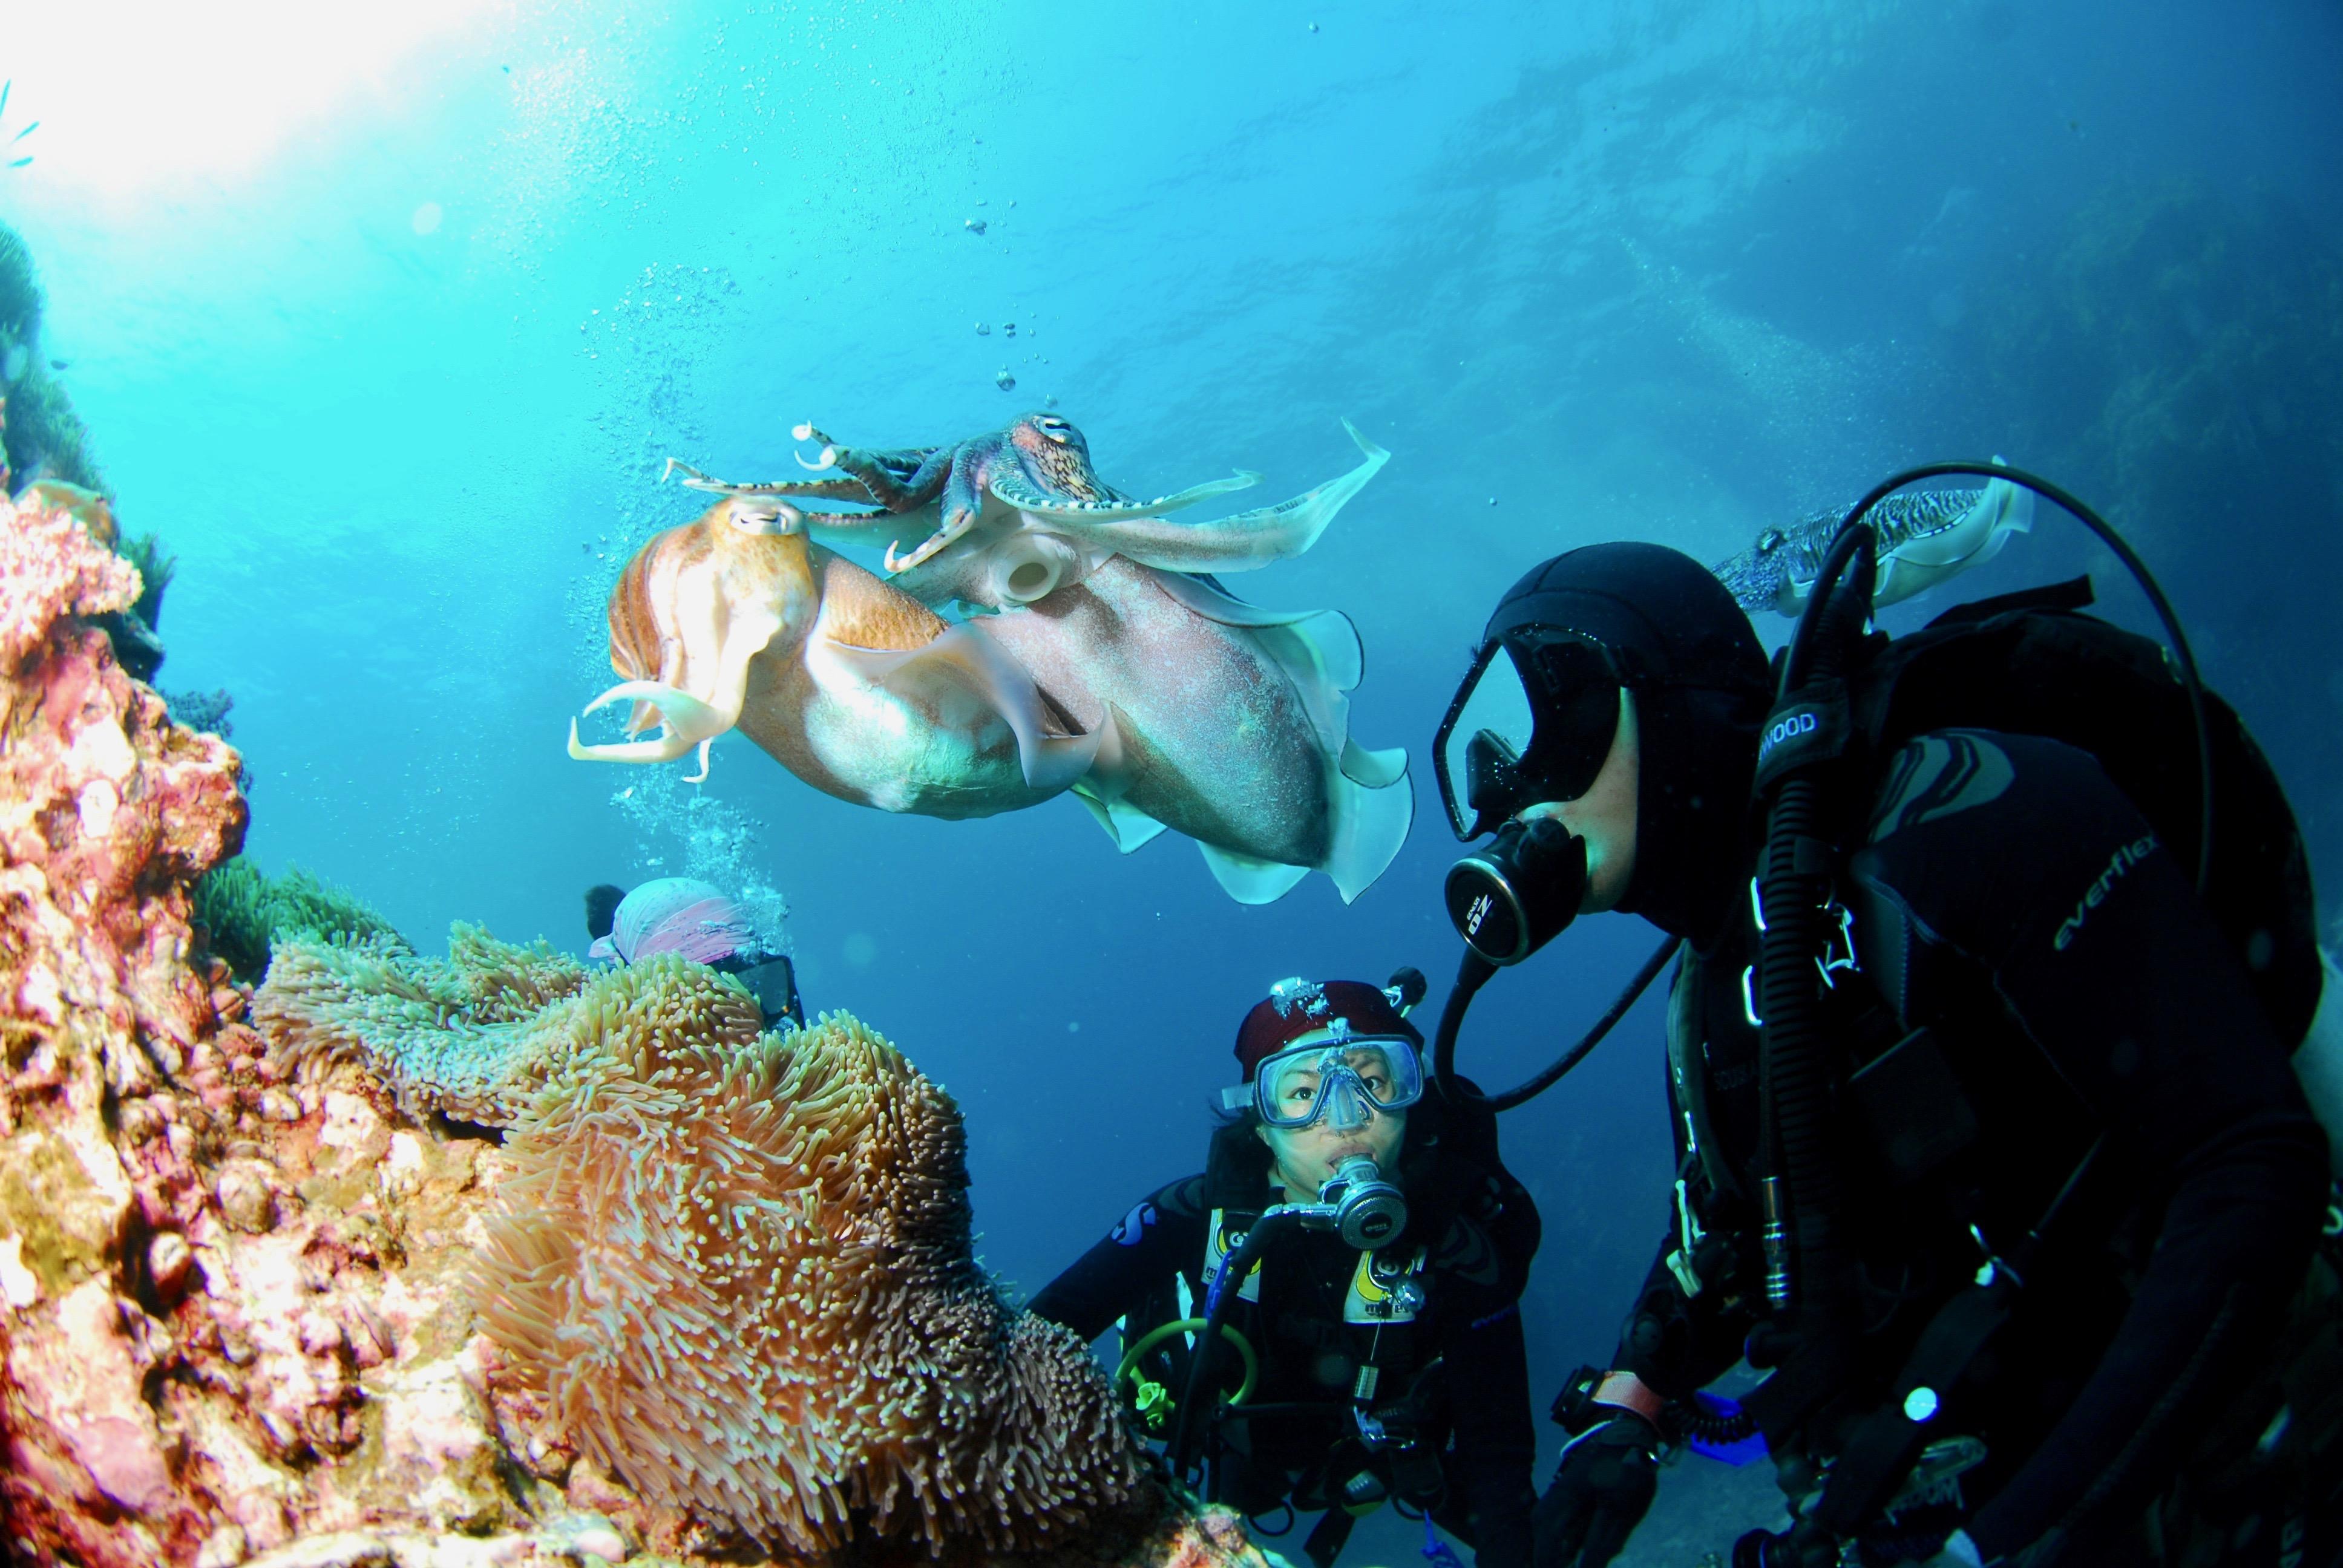 Dos buceadores observando calamares gigantes cerca de una formación rocosa